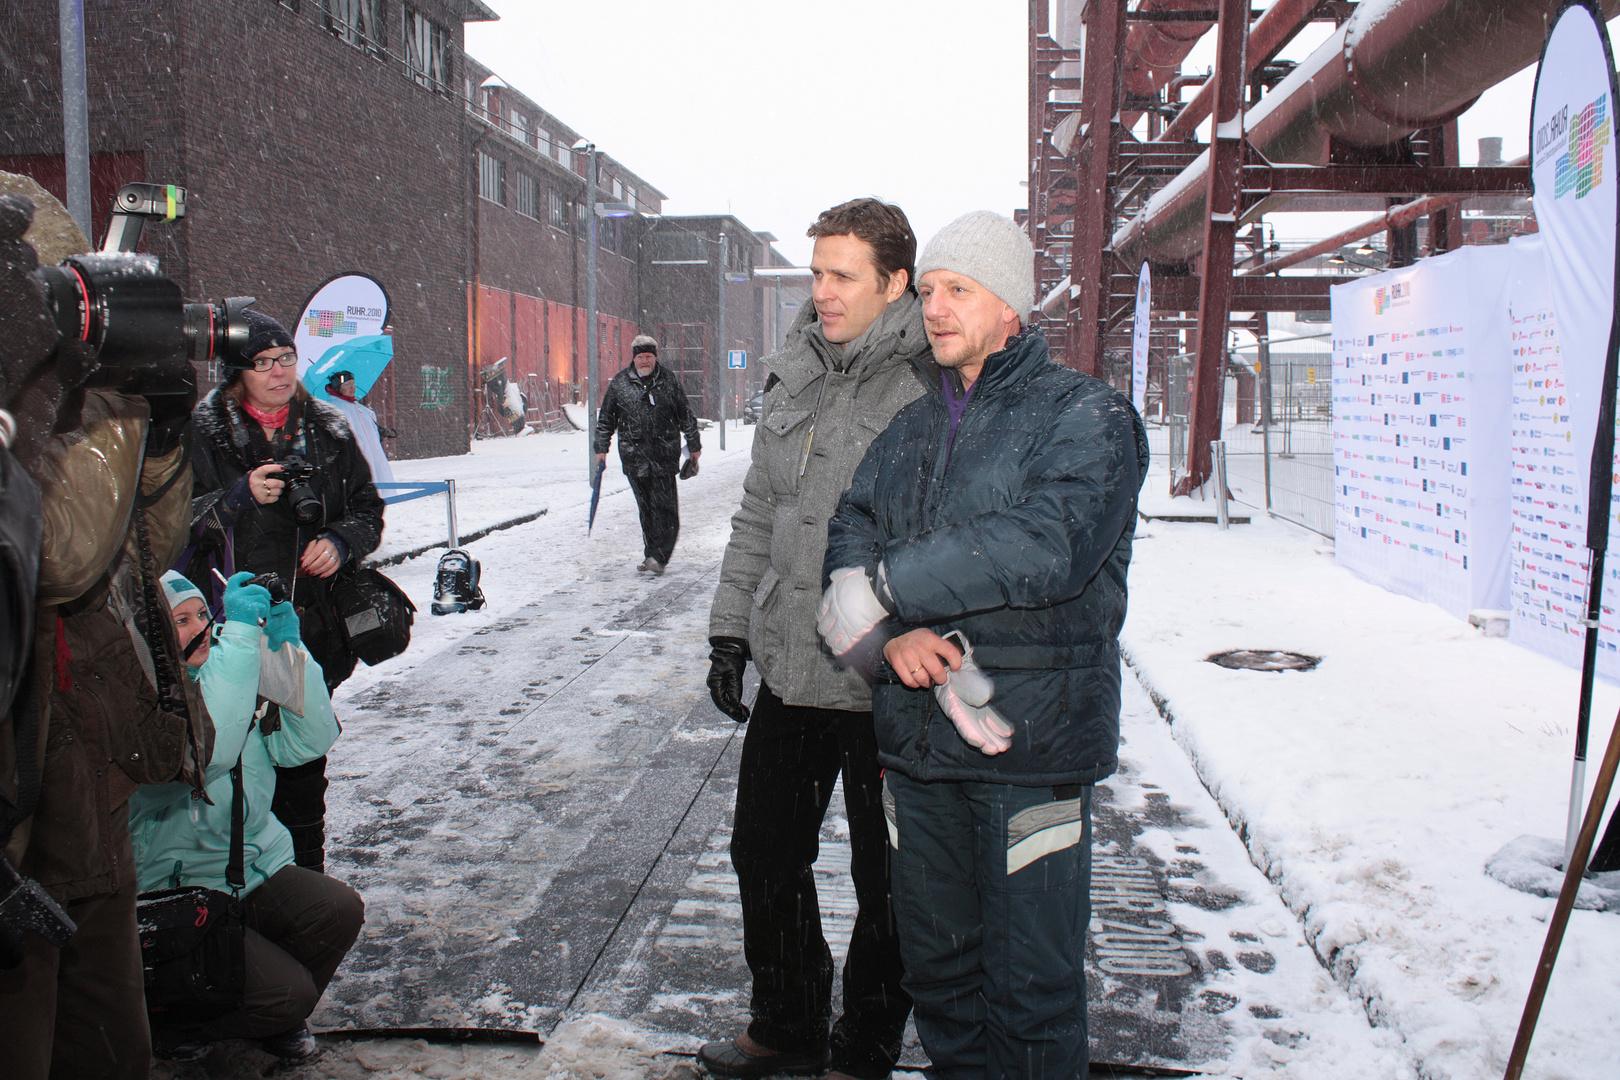 Sönke Wortmann & Oliver Bierhoff - Eröffnungsfeier RUHR.2010 #3 Foto ...